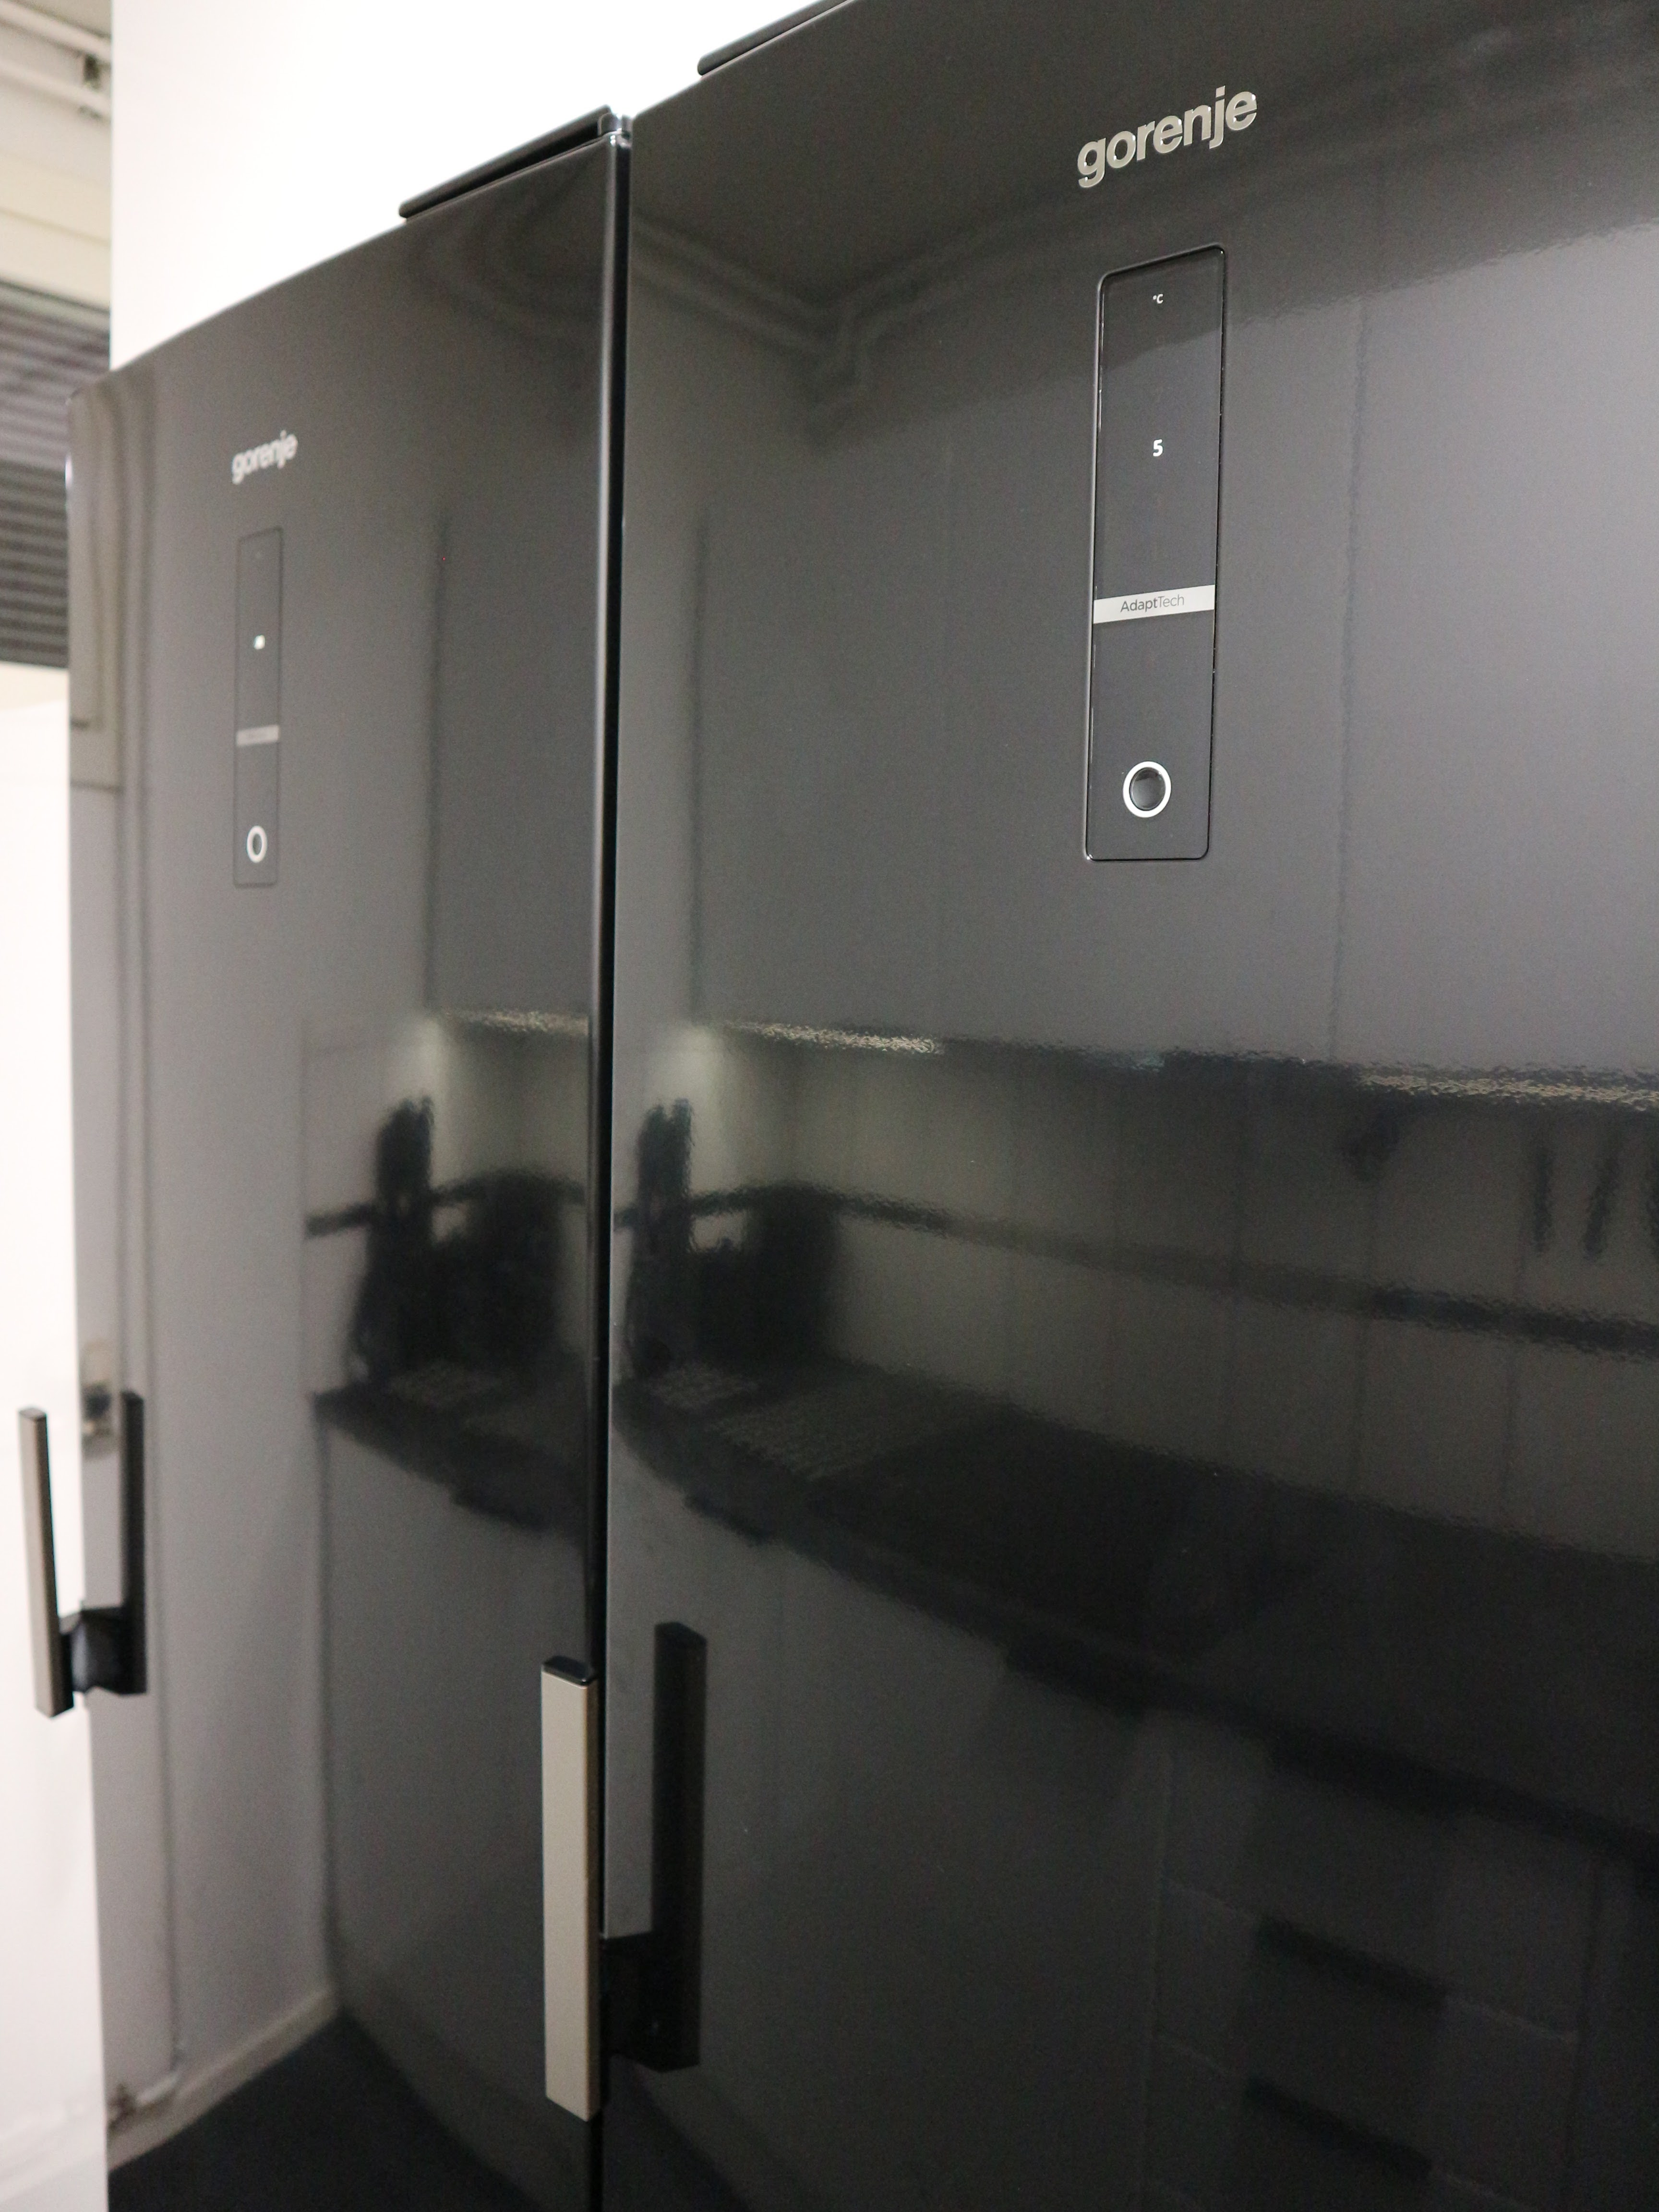 Gorenje musta jääkaappi ja pakastin